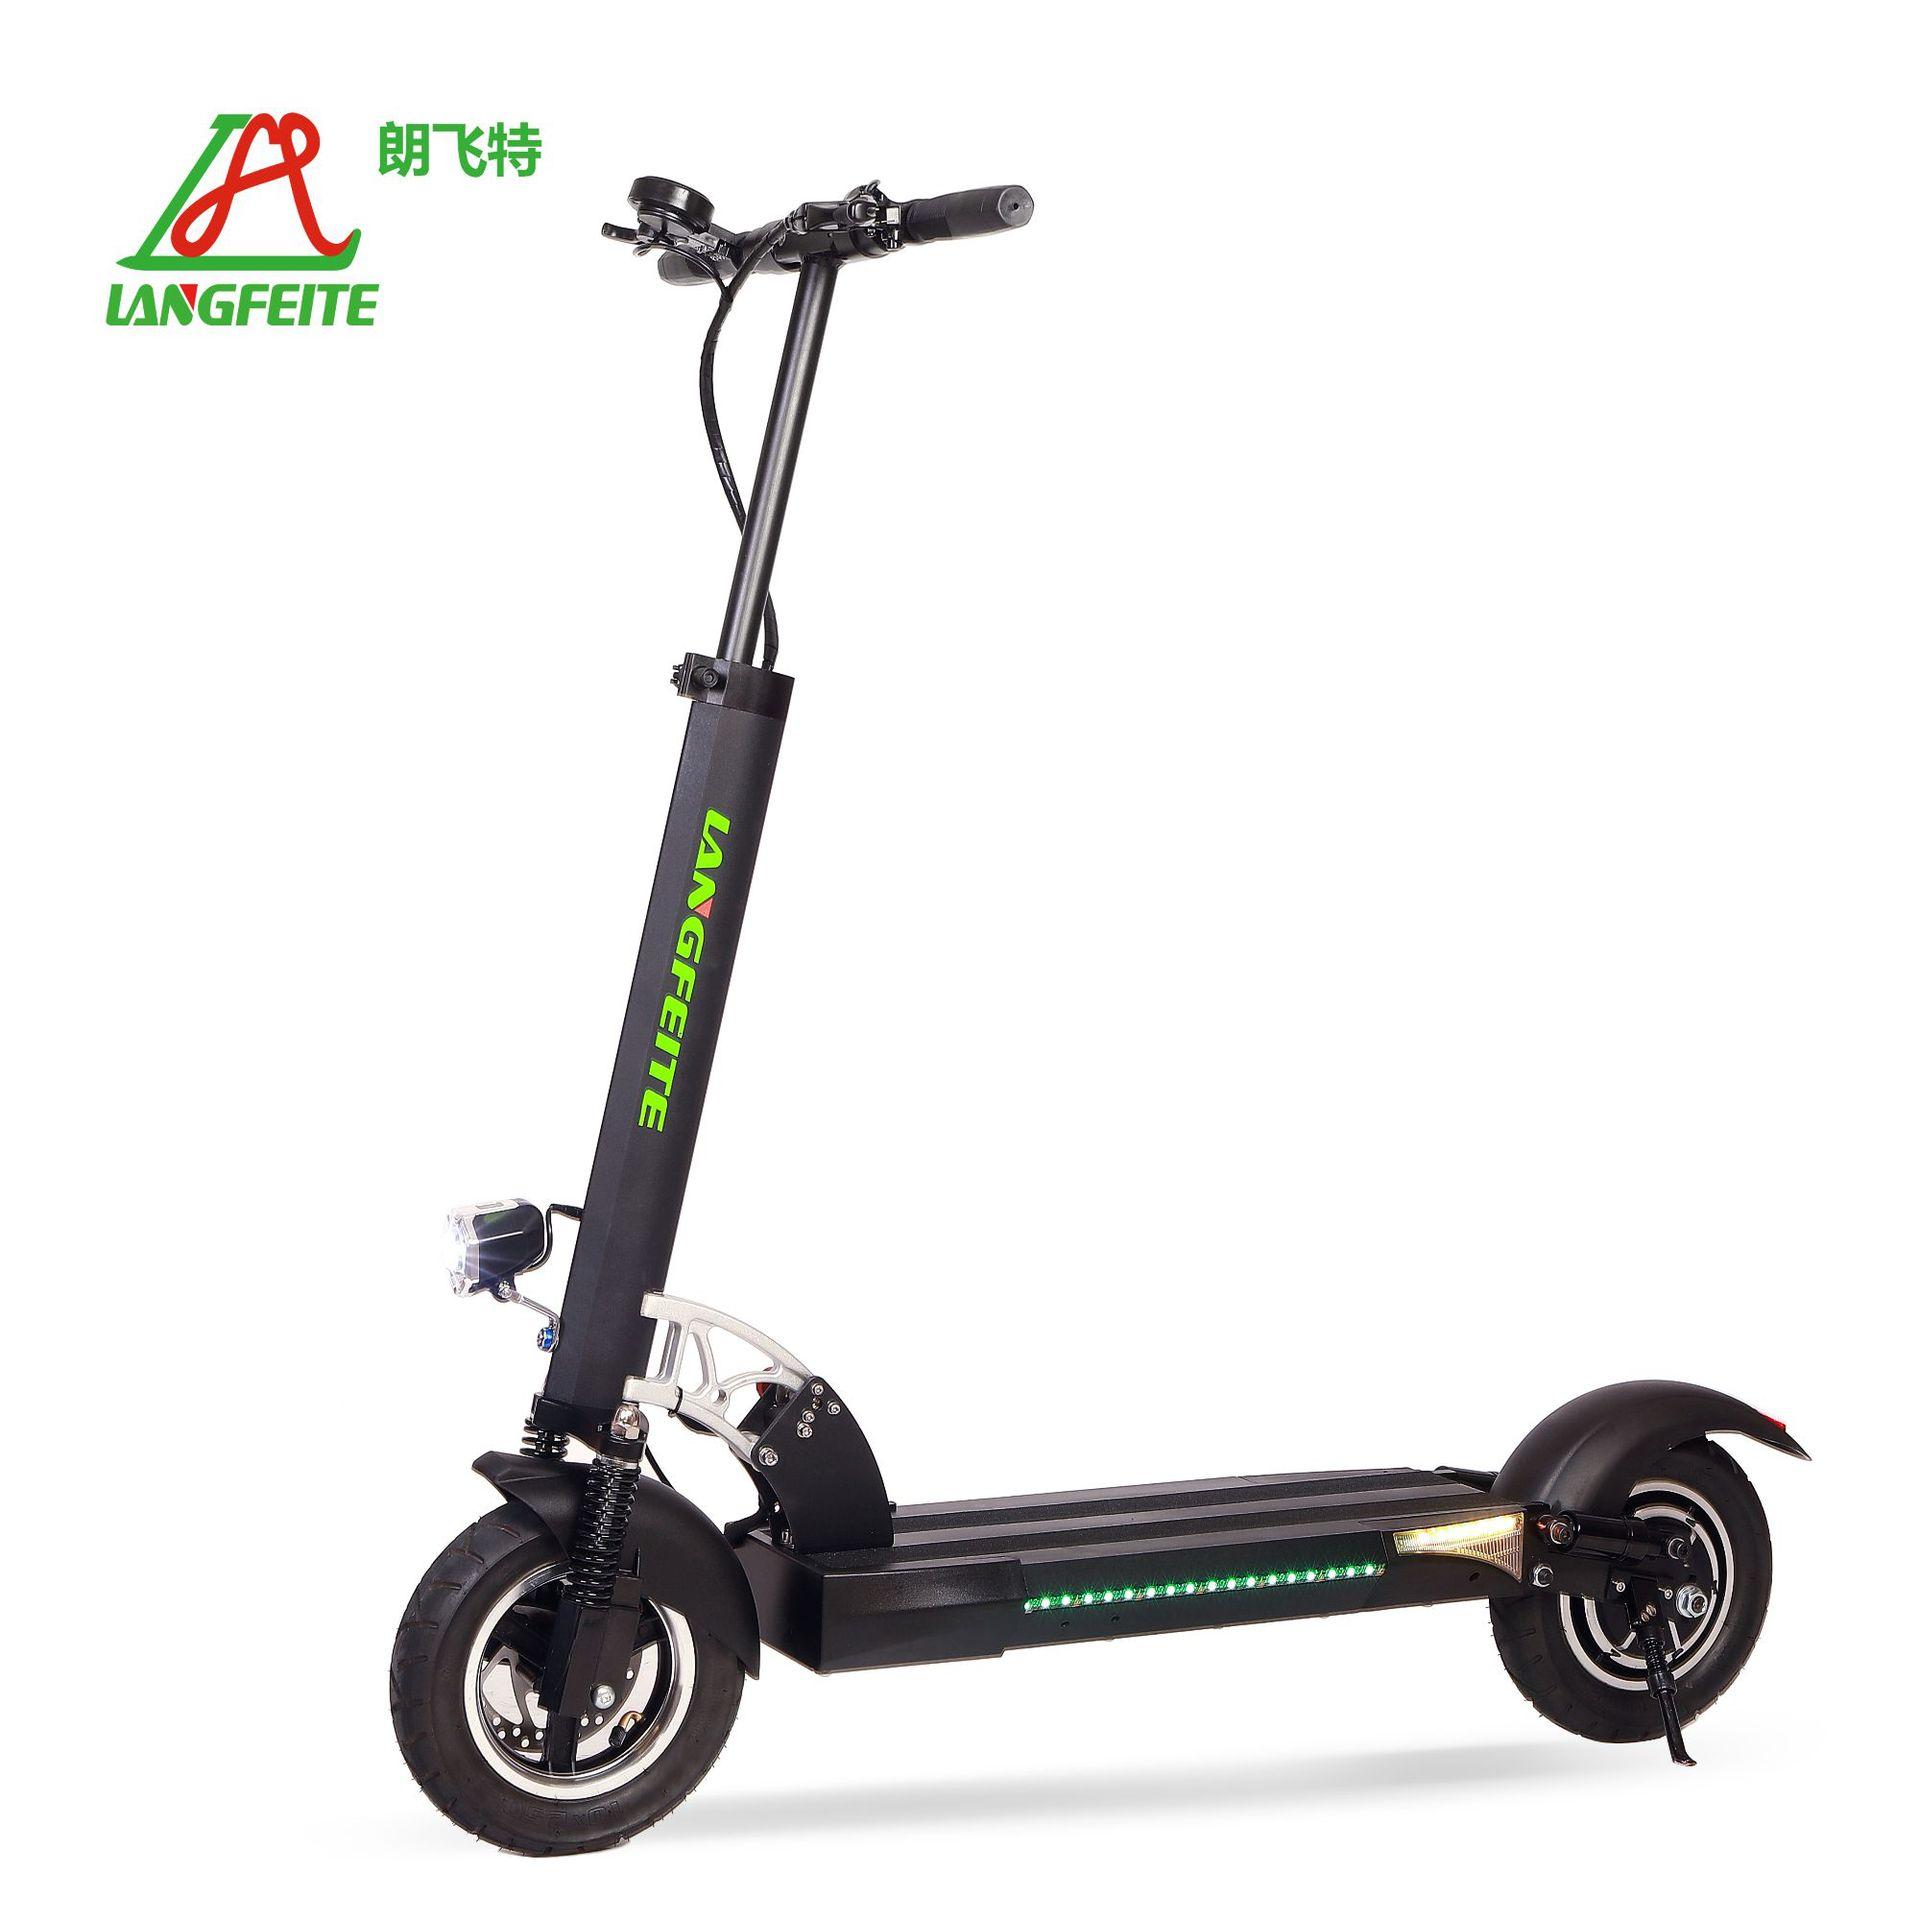 LANGFEITE xe đạp điện Longfeet Electric Scooter Xe tay ga dành cho người lớn Xe gấp đôi Hấp thụ điện